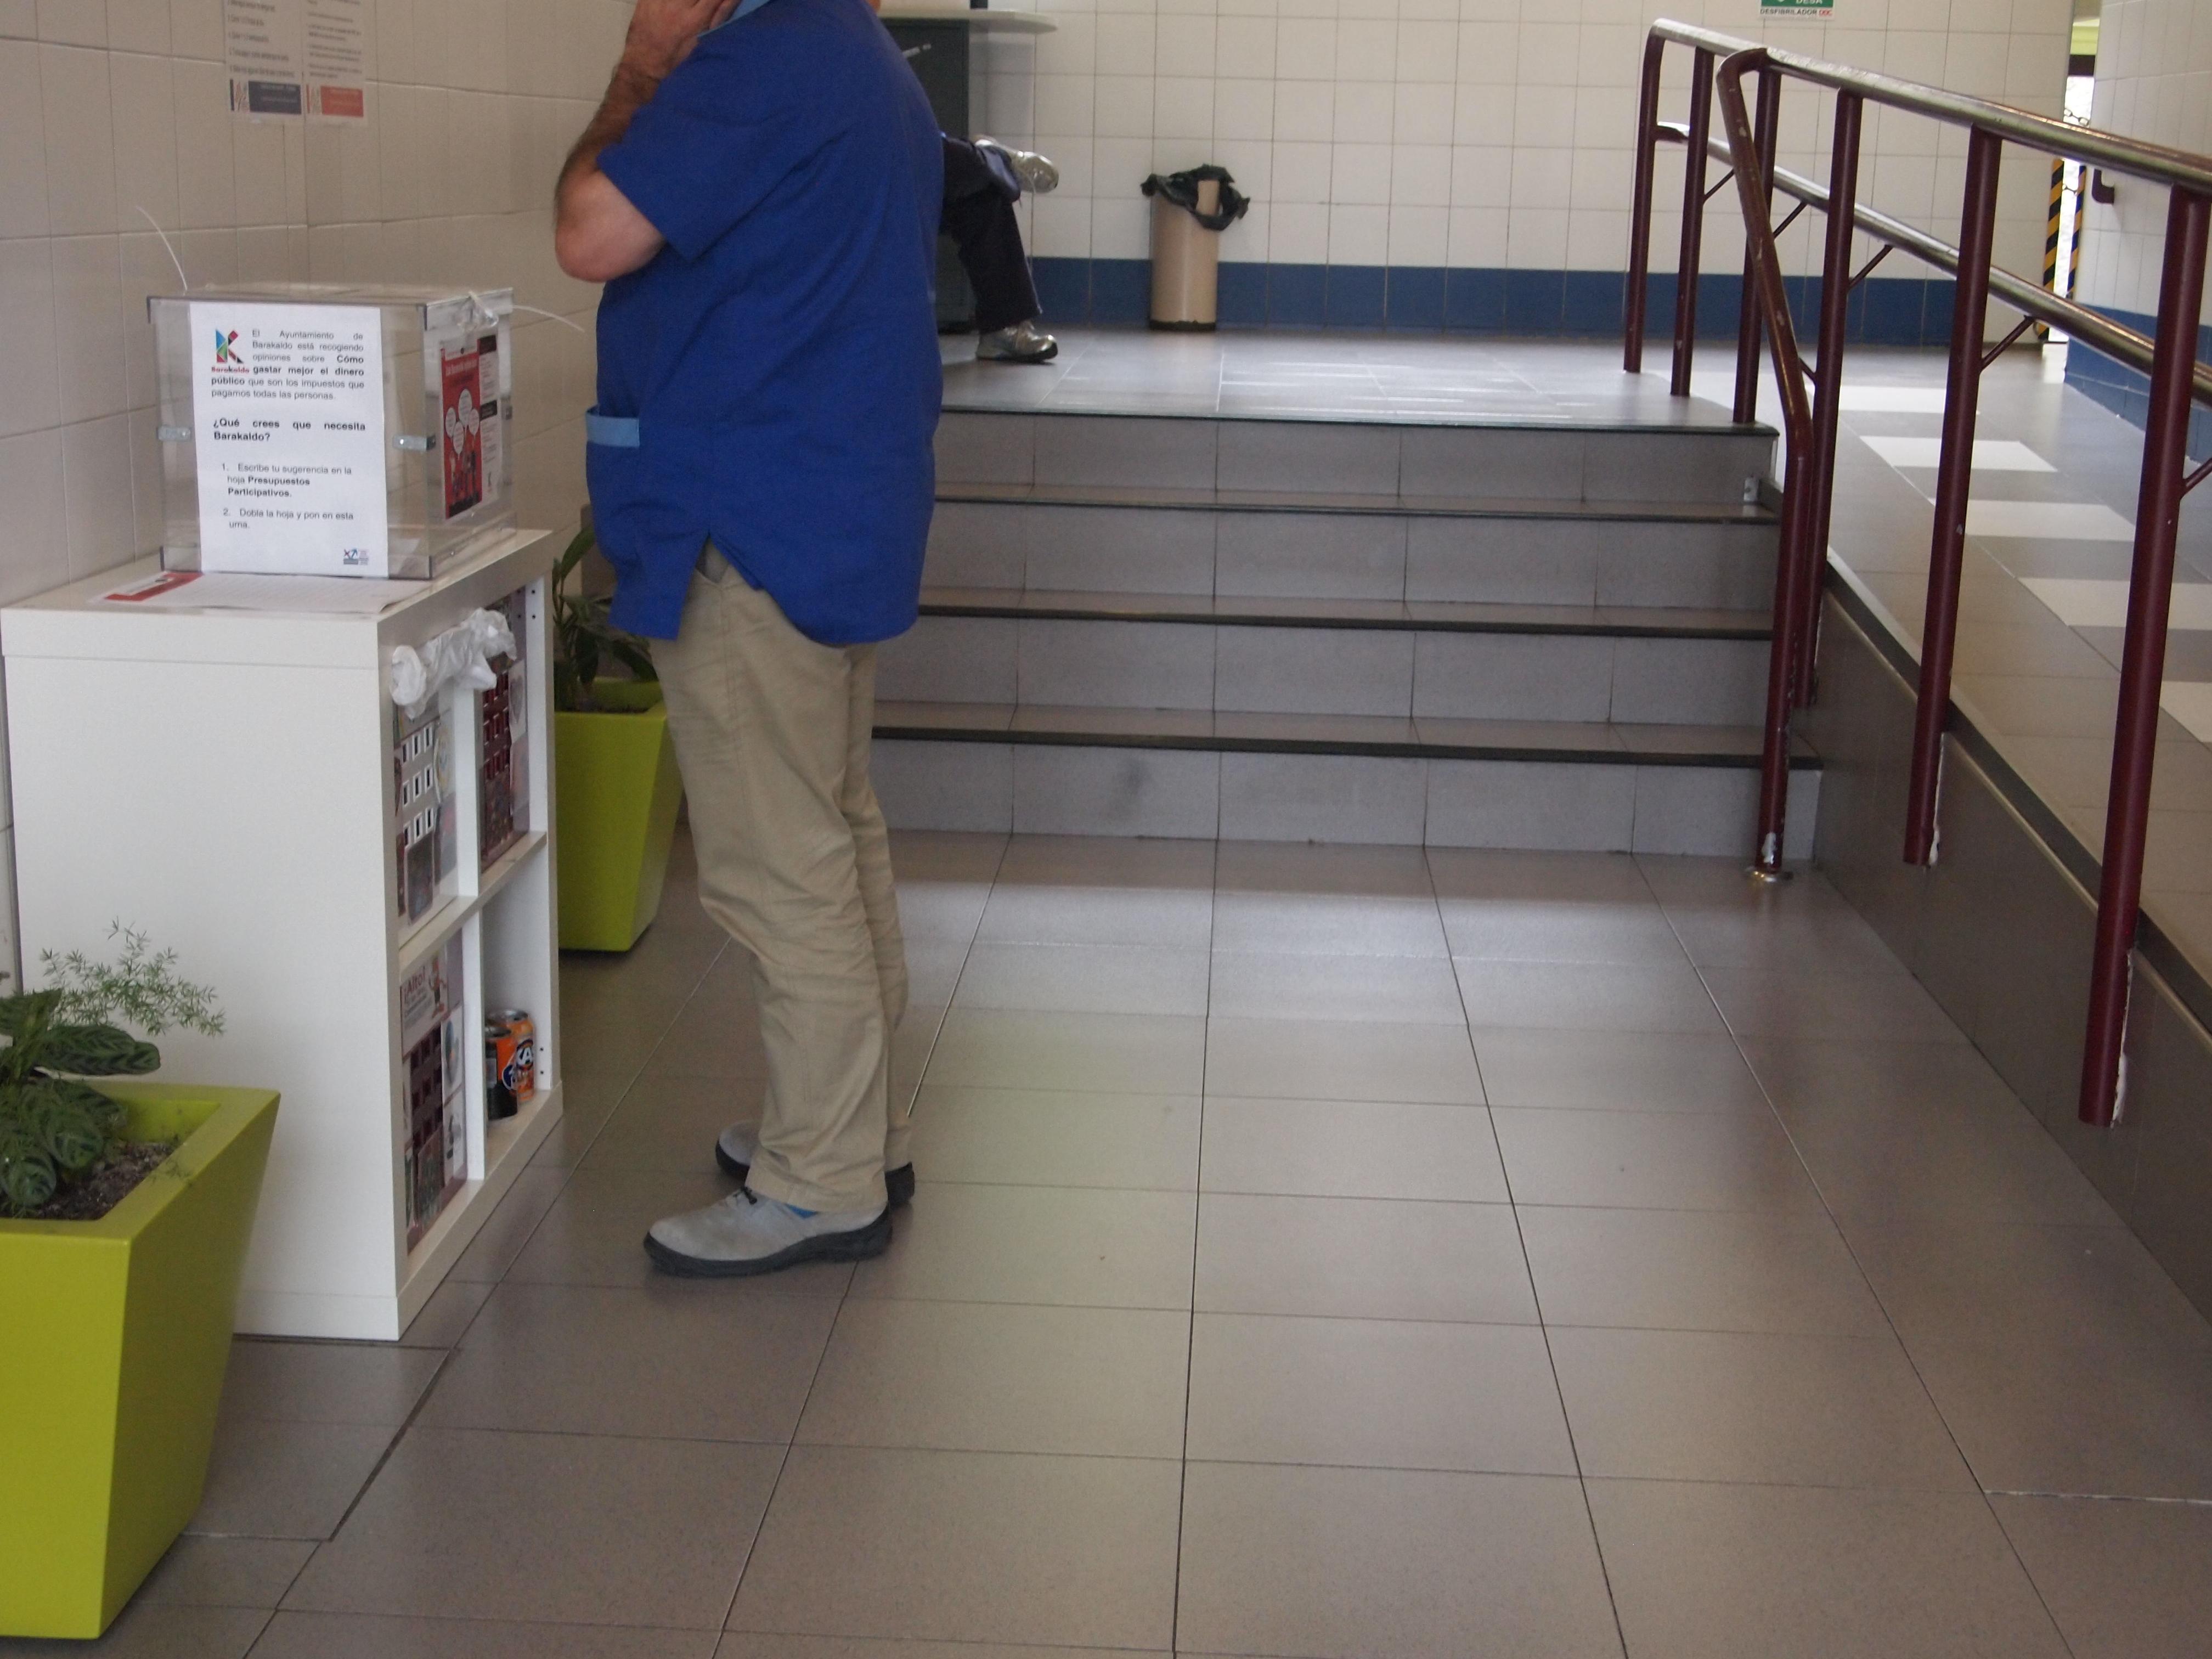 Trabajador leyendo el cartel informativo en la urna, USOA.